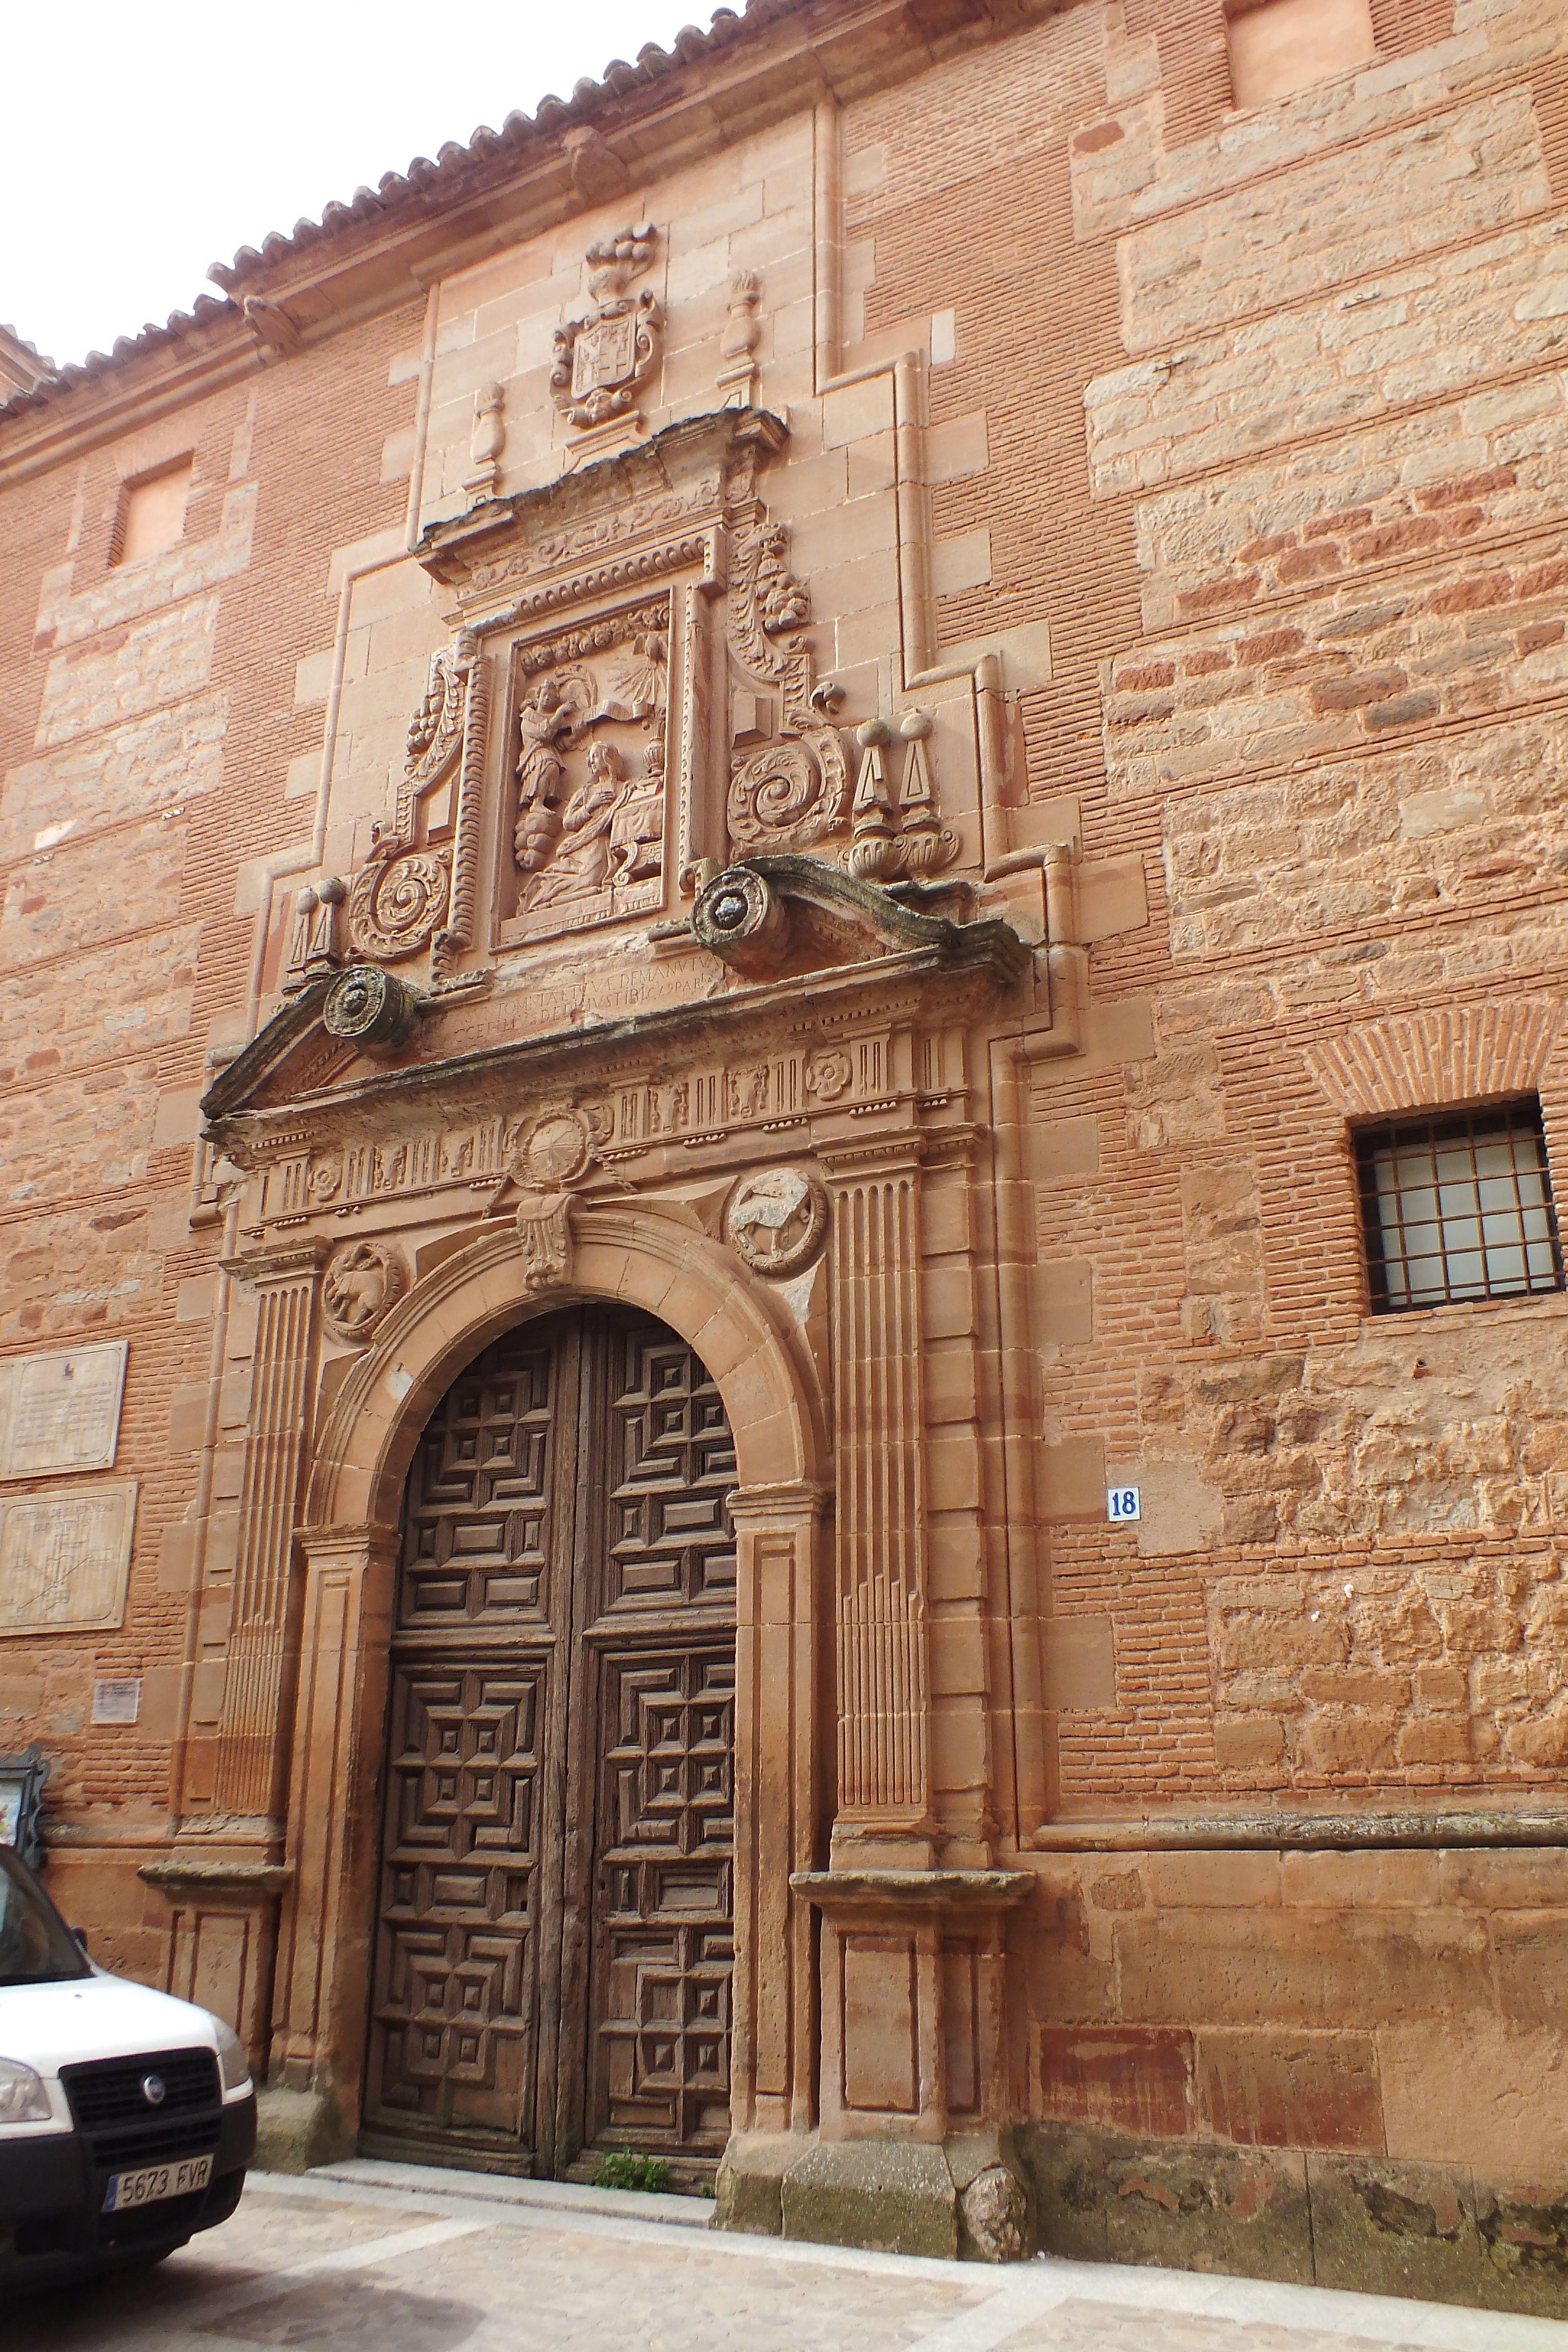 Villanueva De Los Infantes Provincia De Ciudad Real Spain By